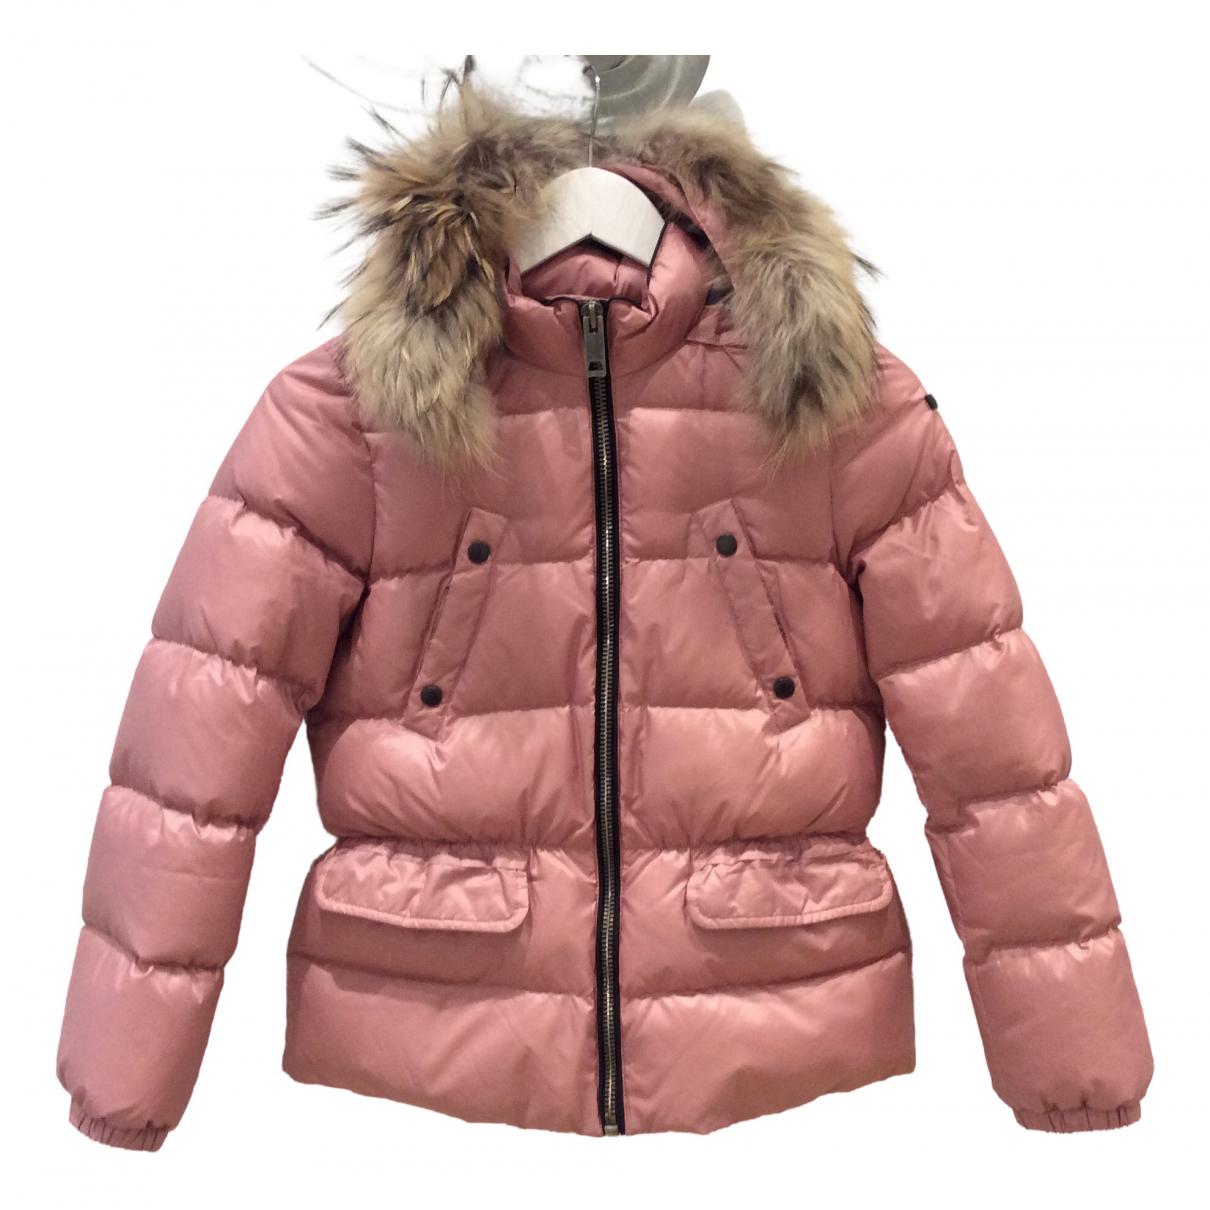 Burberry - Blousons.Manteaux   pour enfant - rose